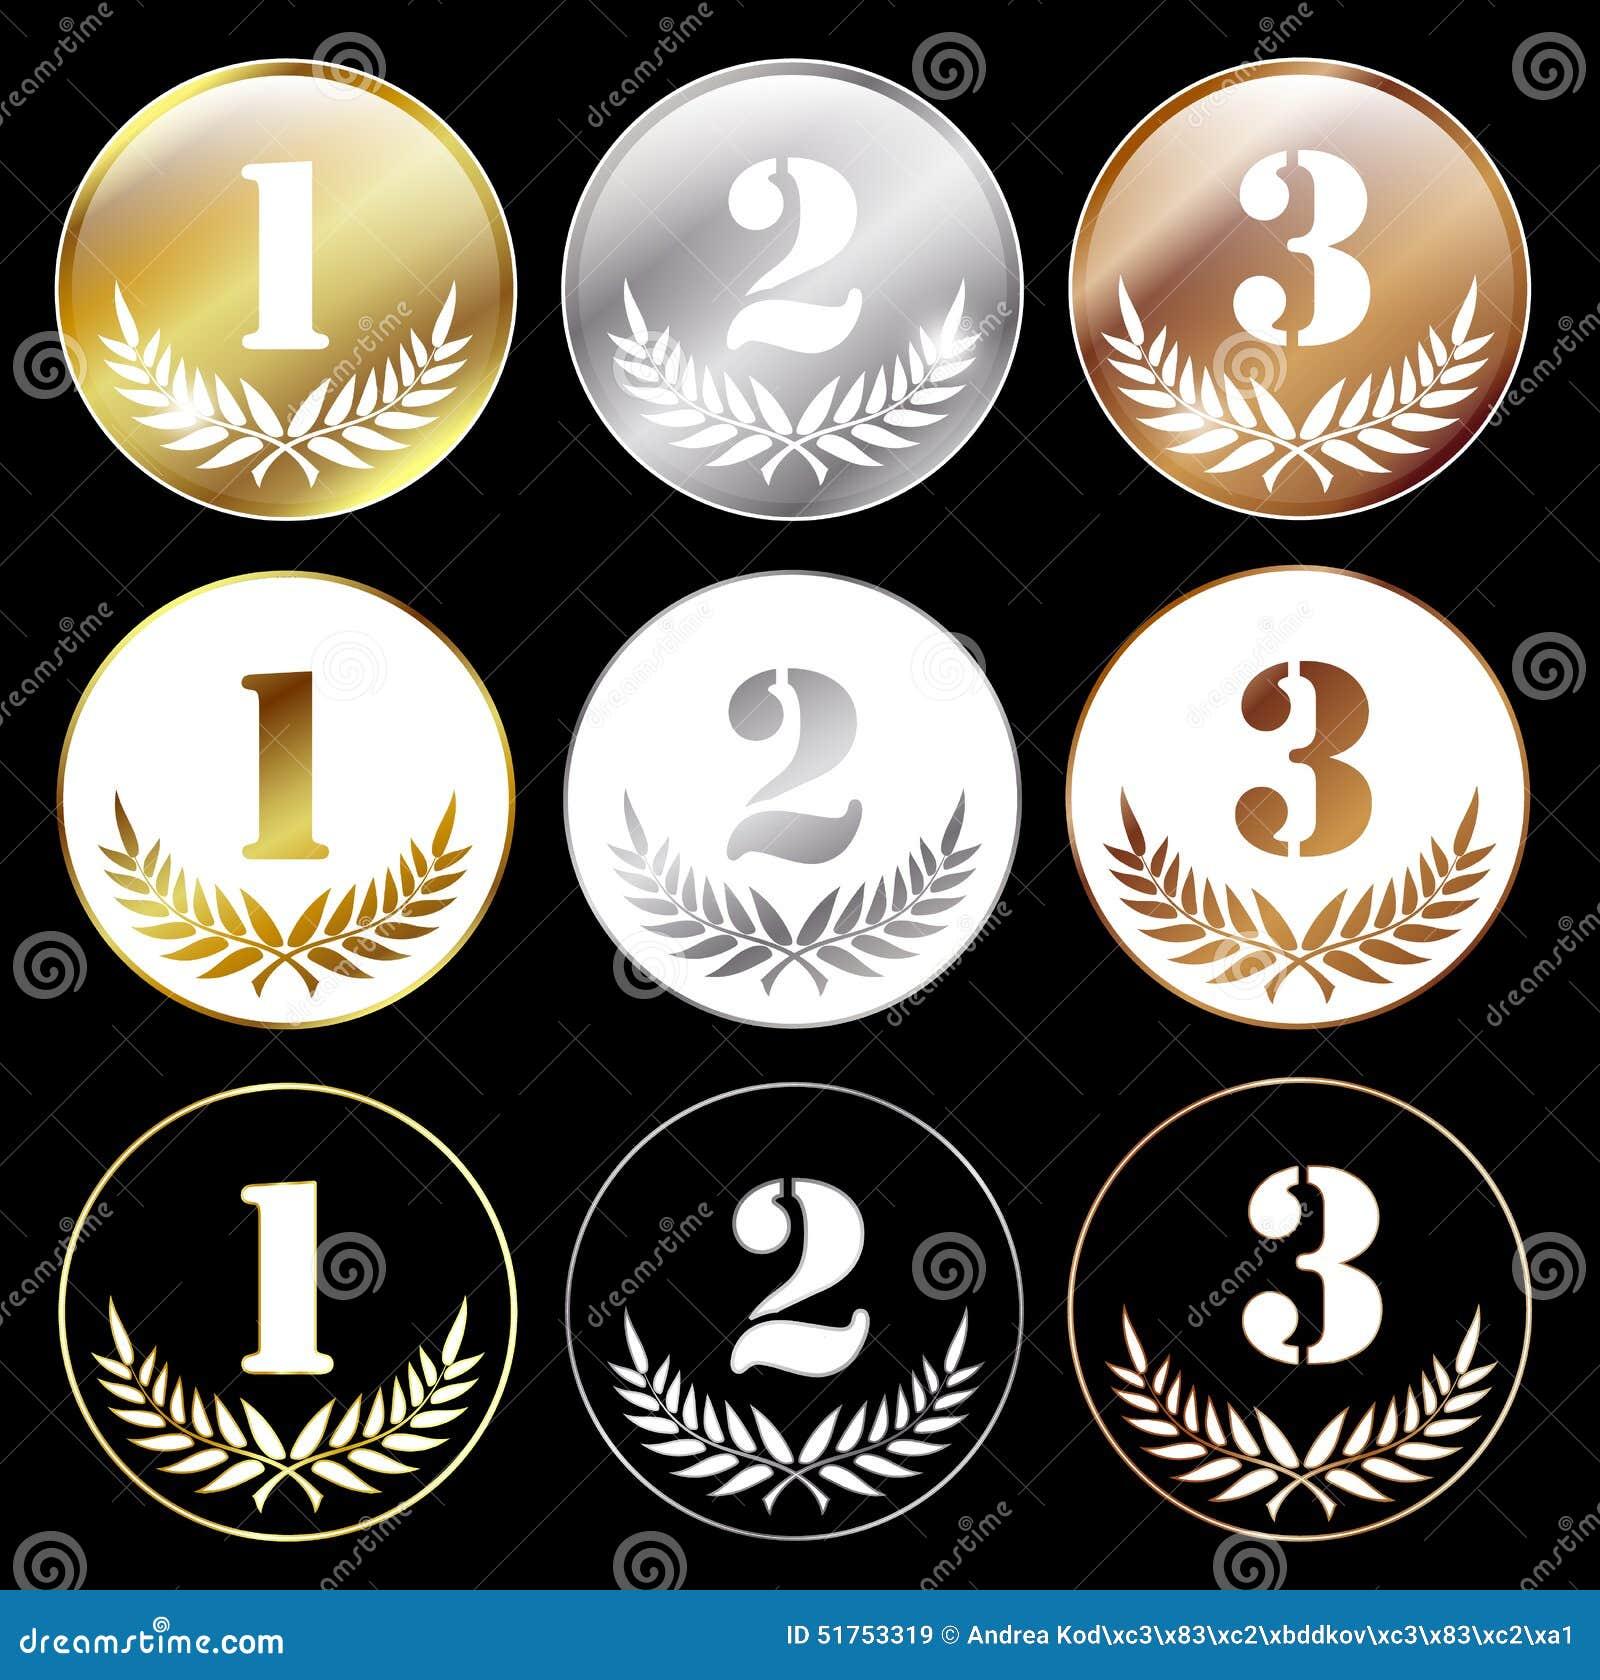 1又2分之1是多少_与第1, 2和3的奖牌